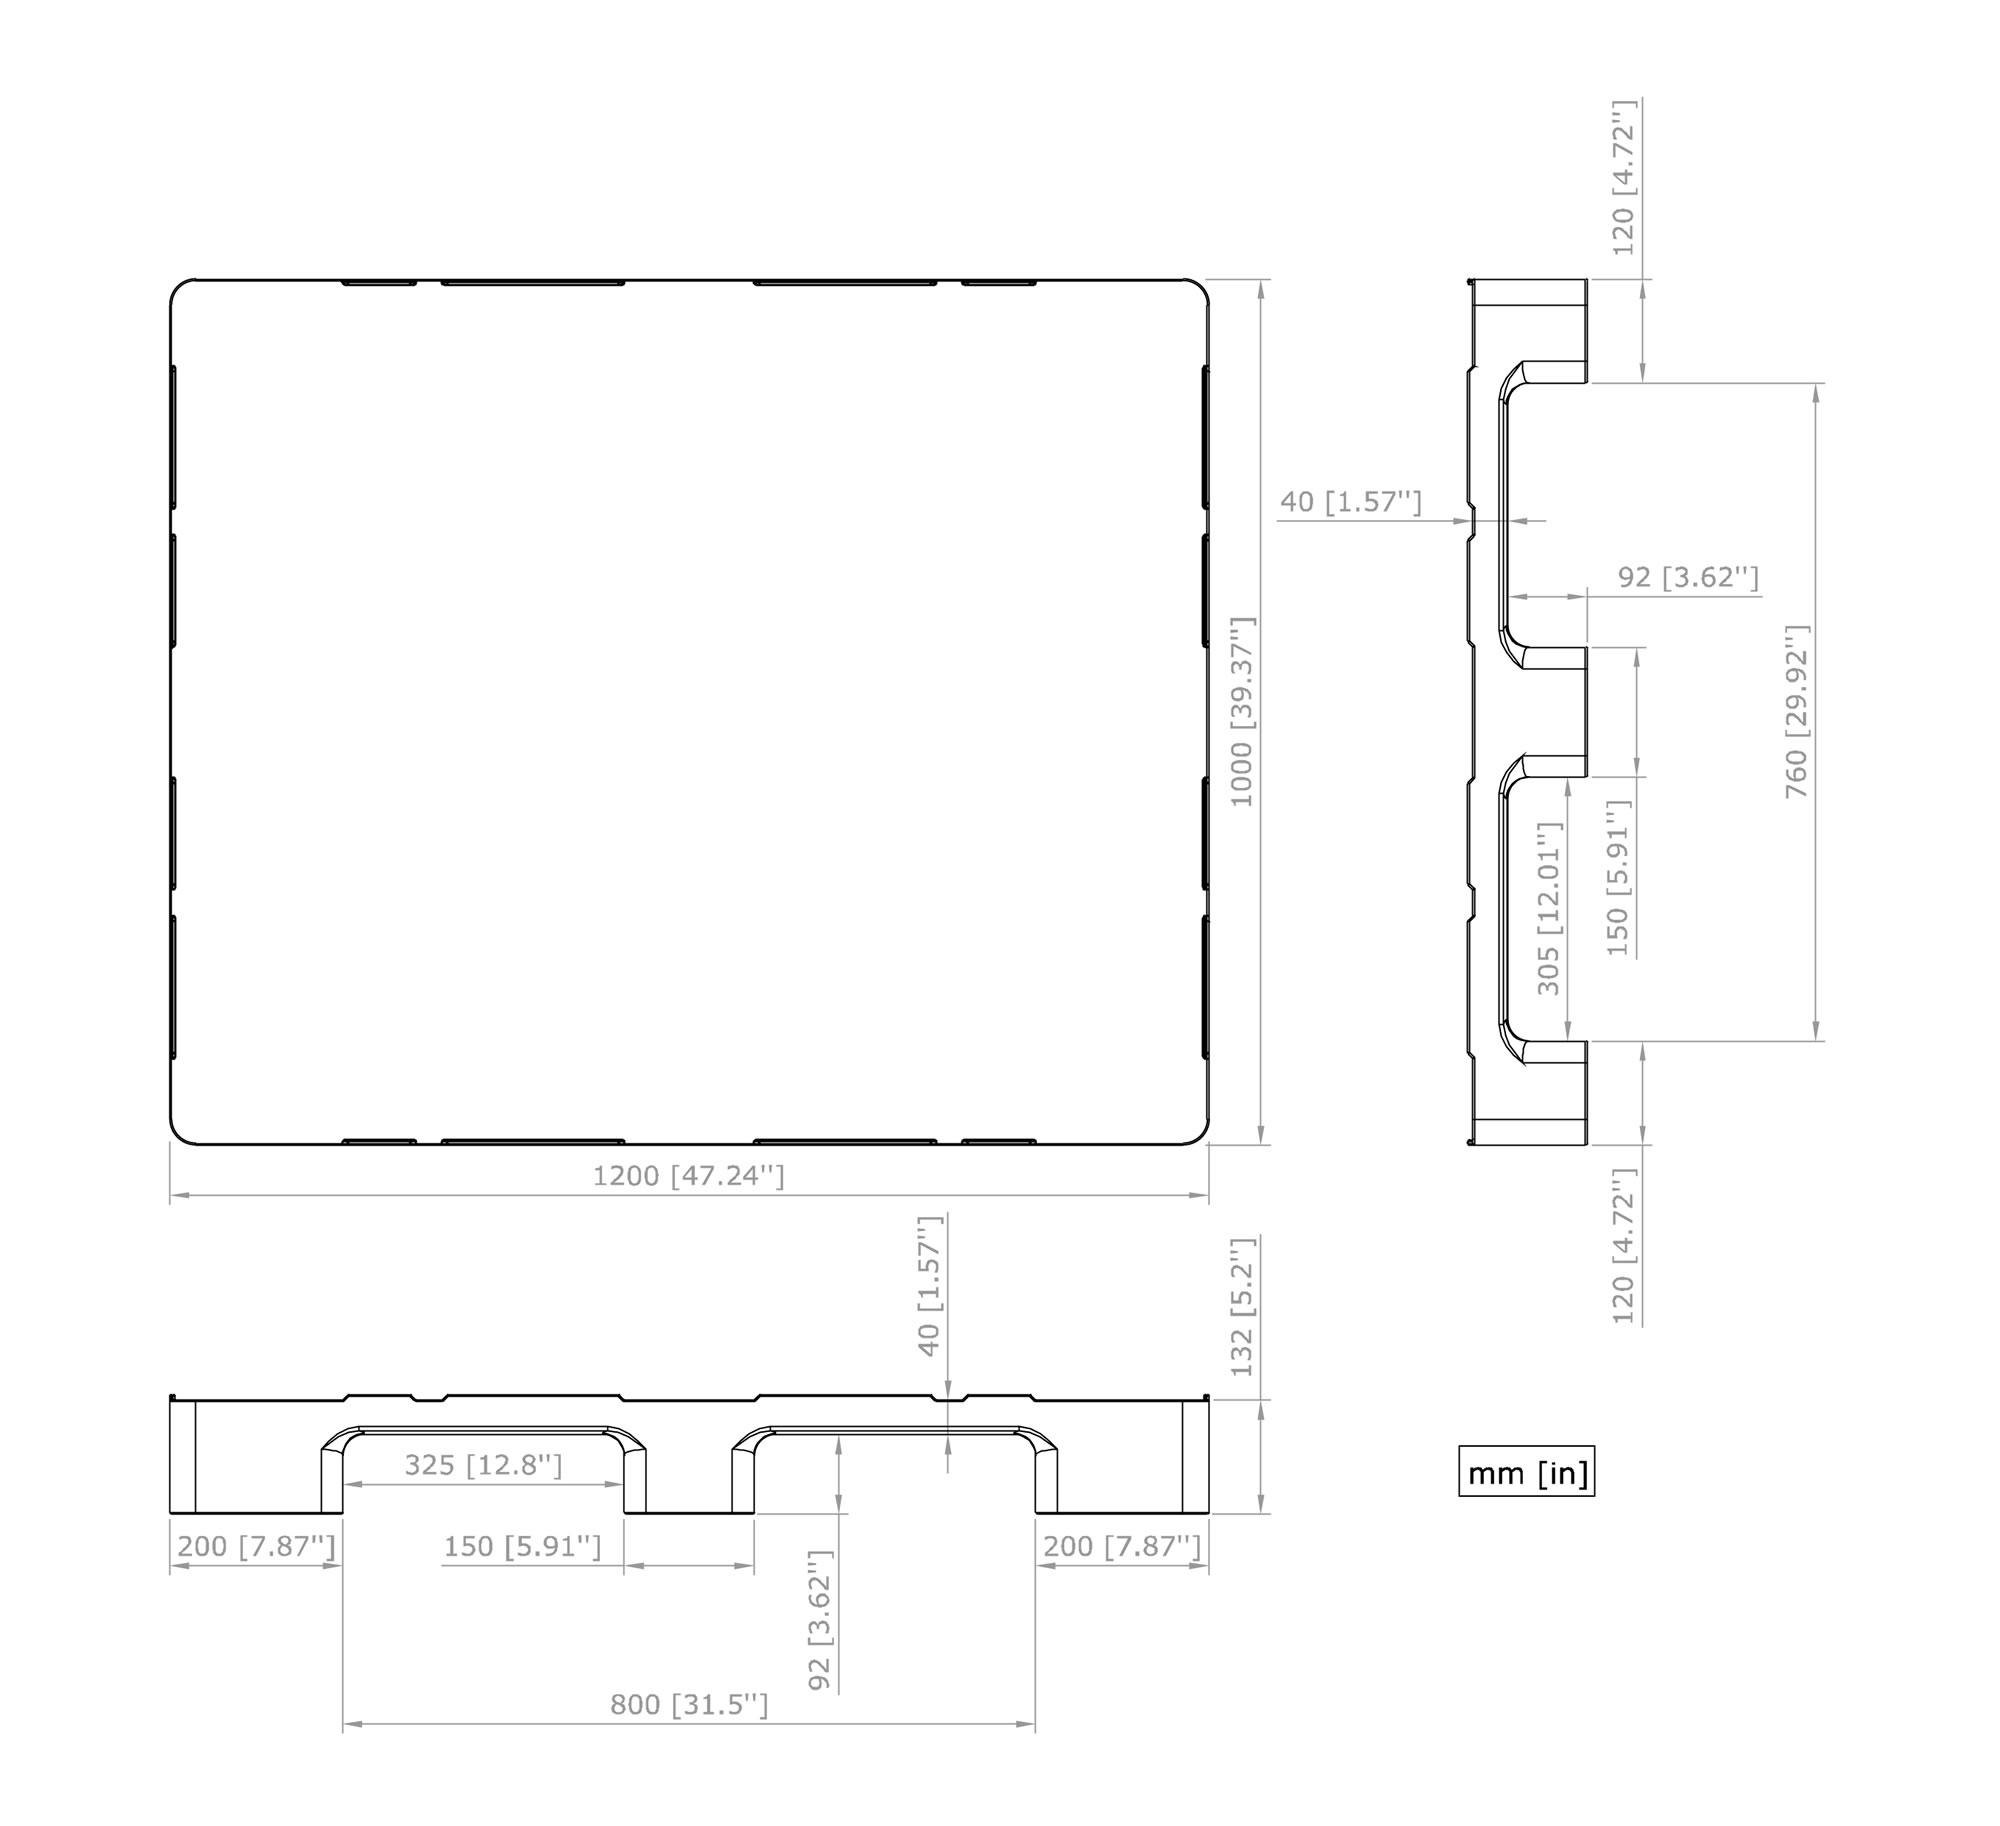 CLEAN-1210-C9_esquema_1.jpg